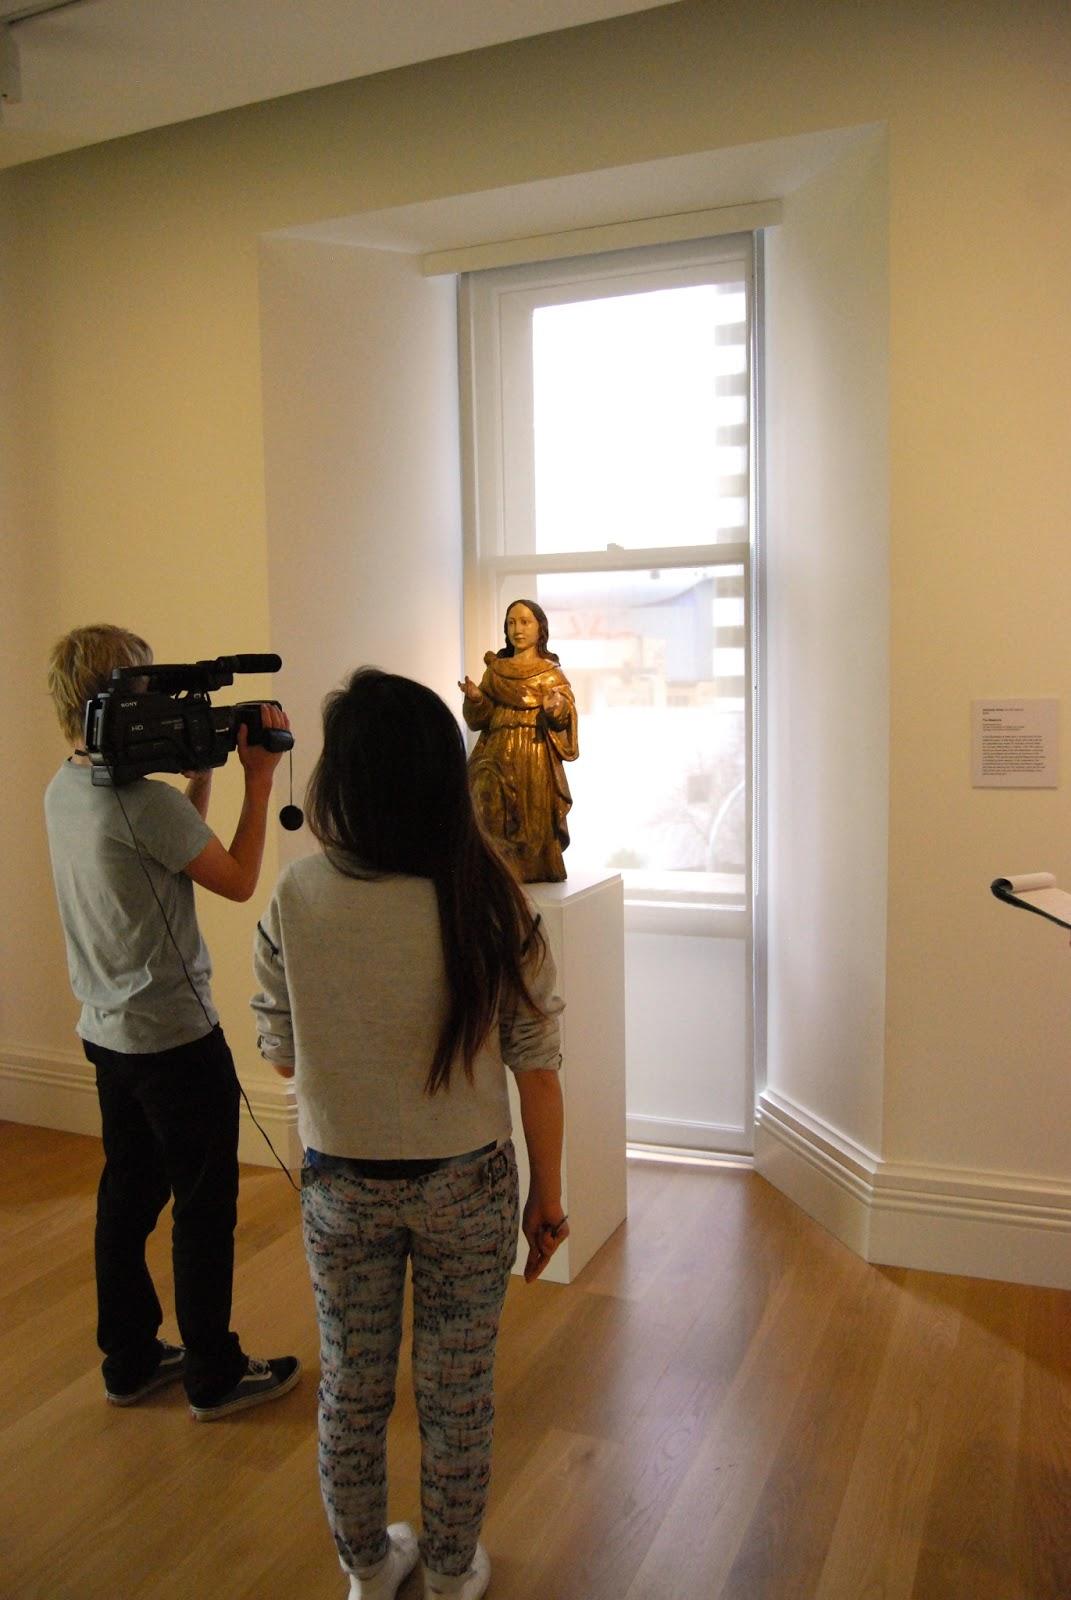 http://rfacdn.nz/artgallery/assets/media/blog-ymi-filming-2.jpg